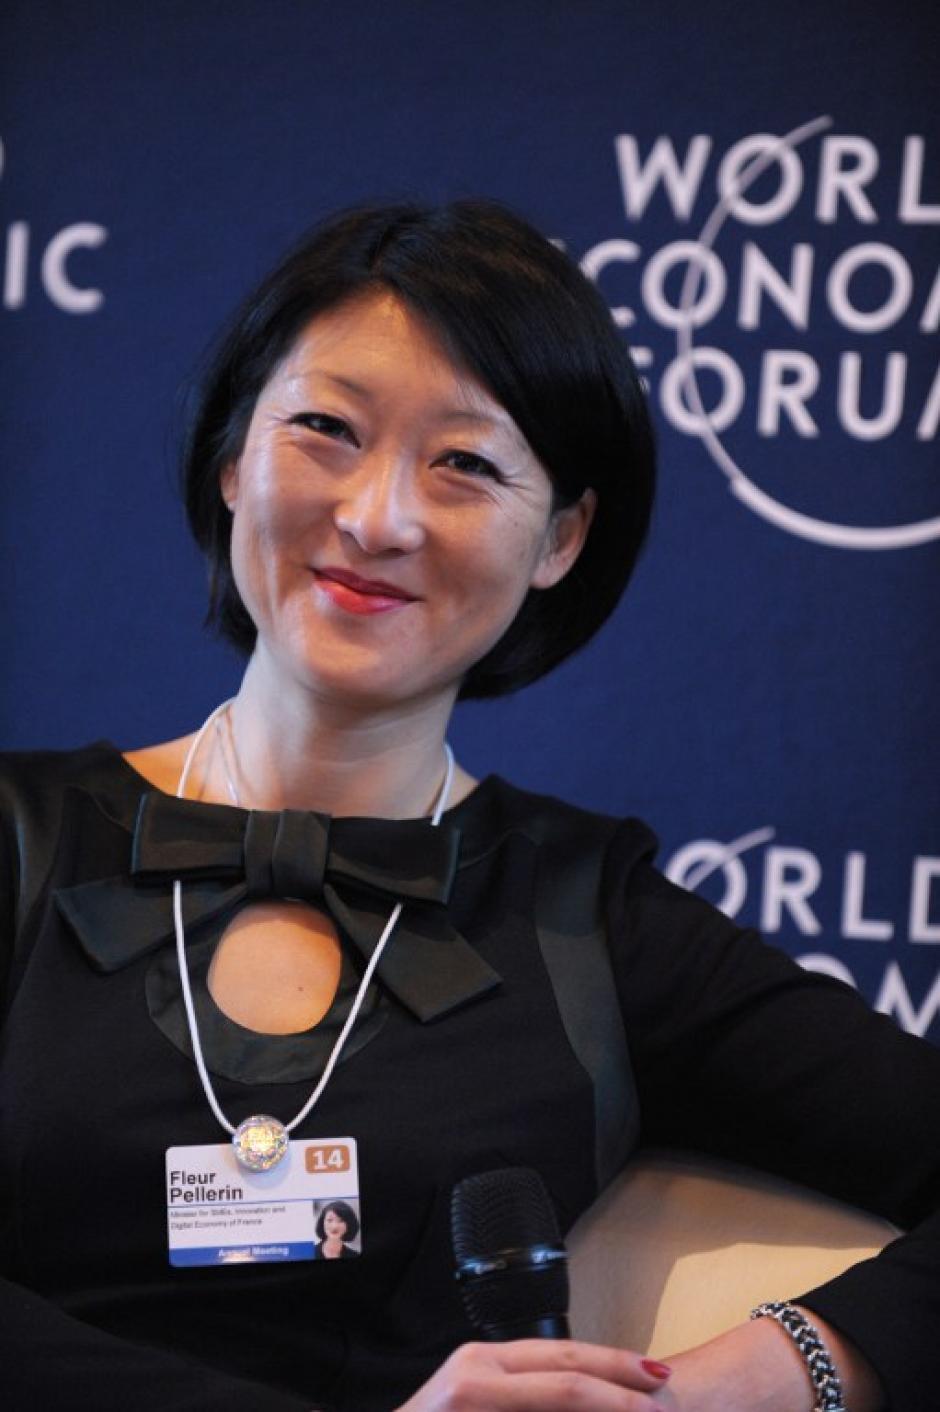 """Fleur Pellerin, la """"estrella"""" de la economía francesa. Pellerin es la Ministra de Innovación y Economía de Francia. Foto AFP"""